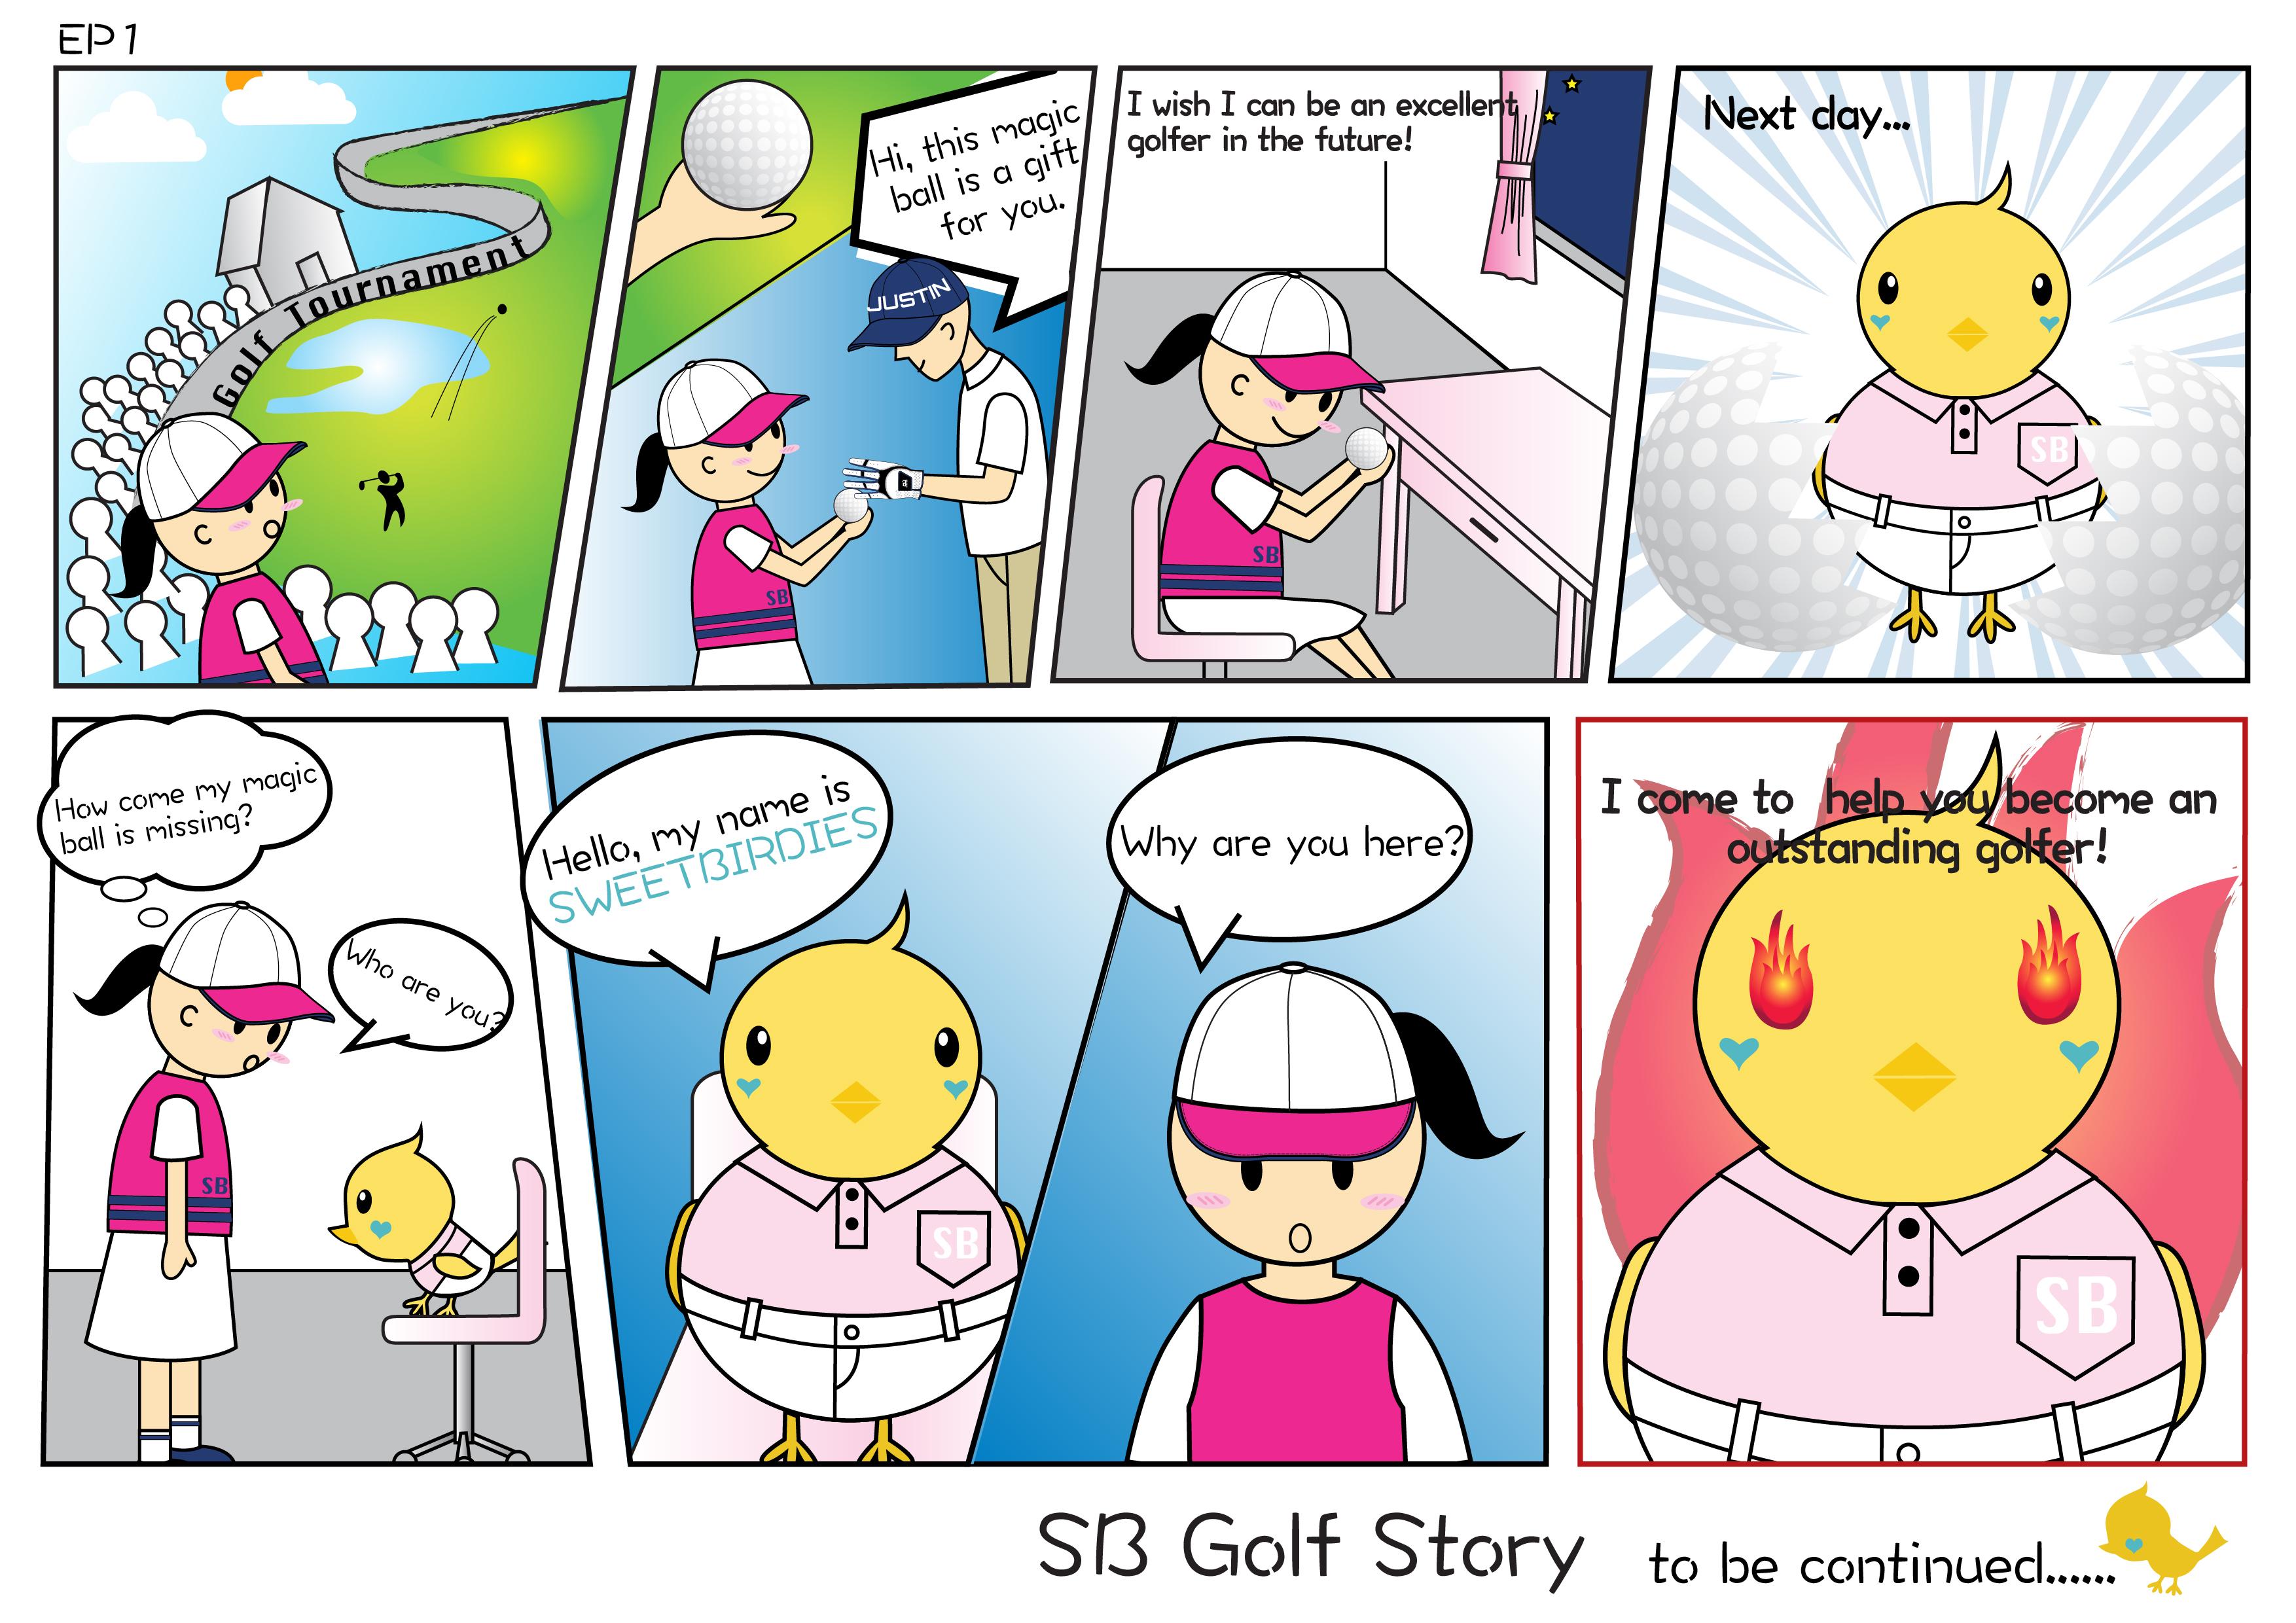 EP1 Eva's Golf Dream